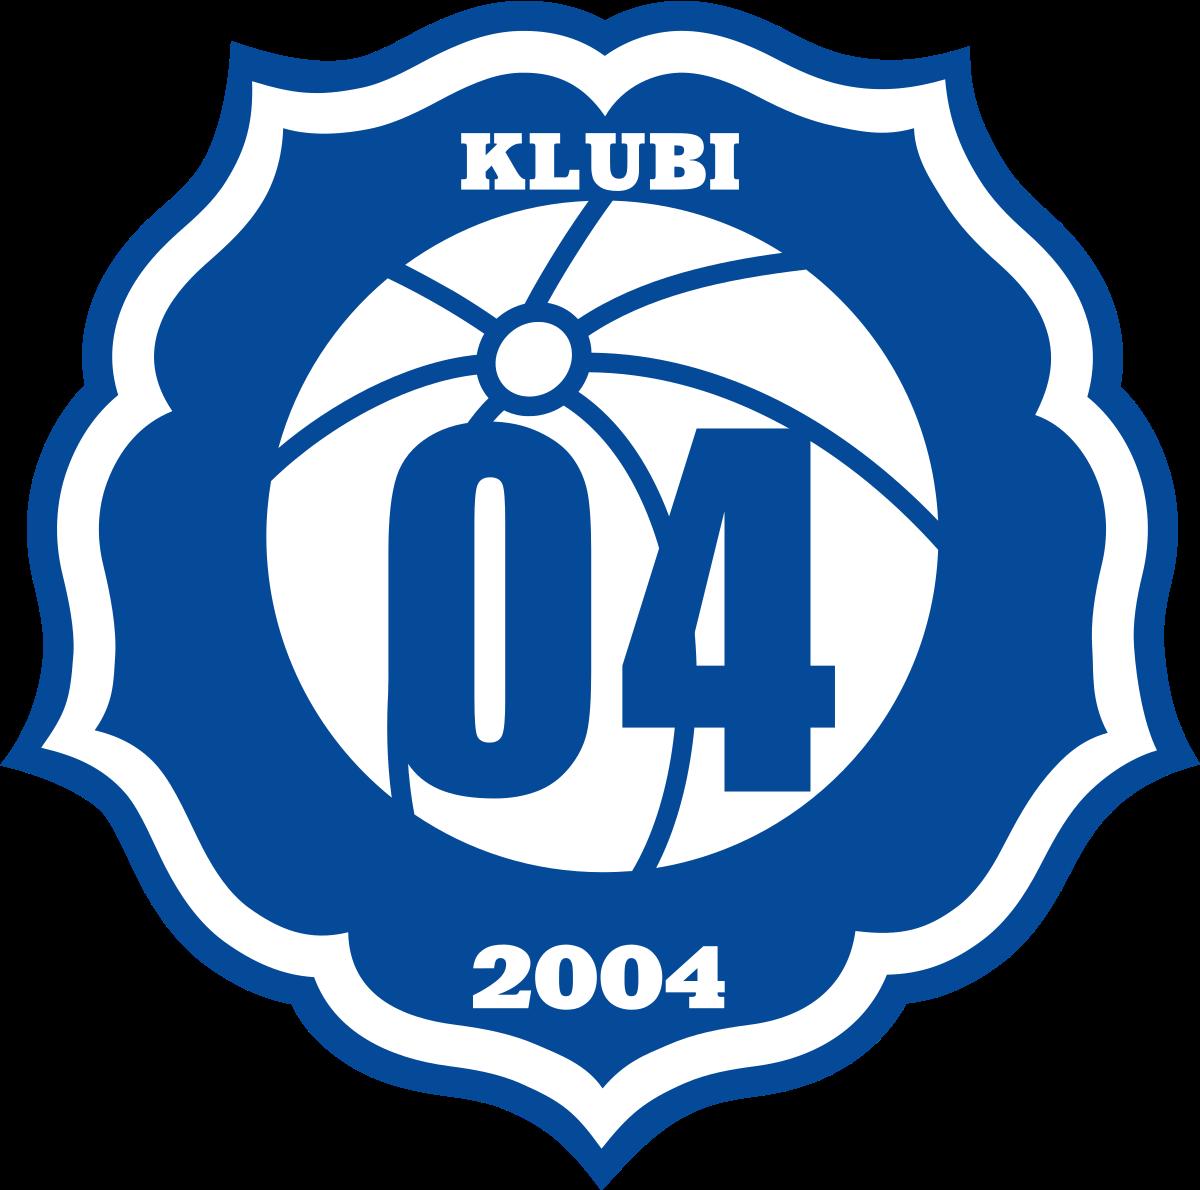 Клуби 04 - Logo